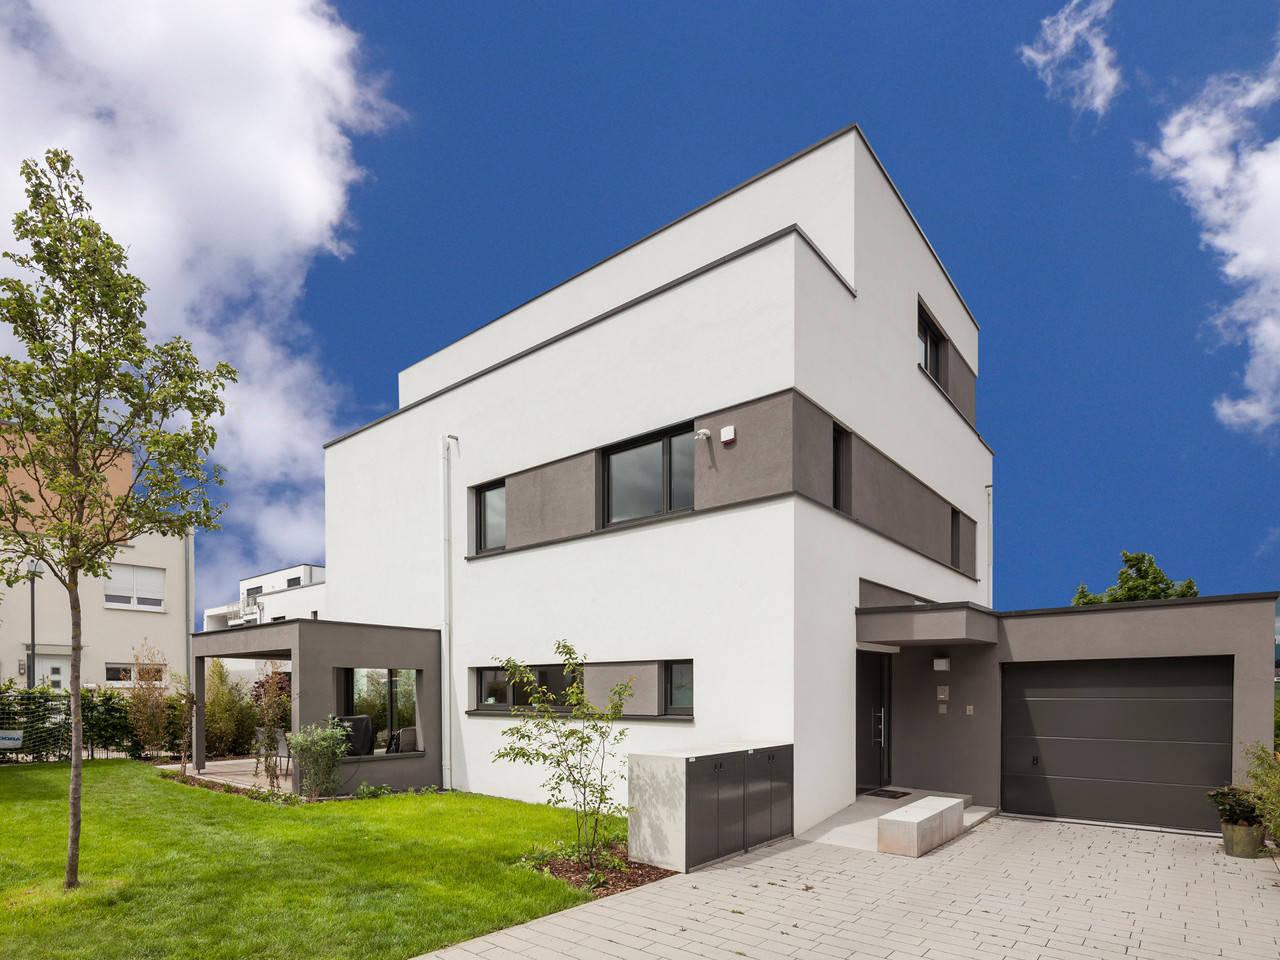 Einfamilienhaus von Holzbau-Kühlborn